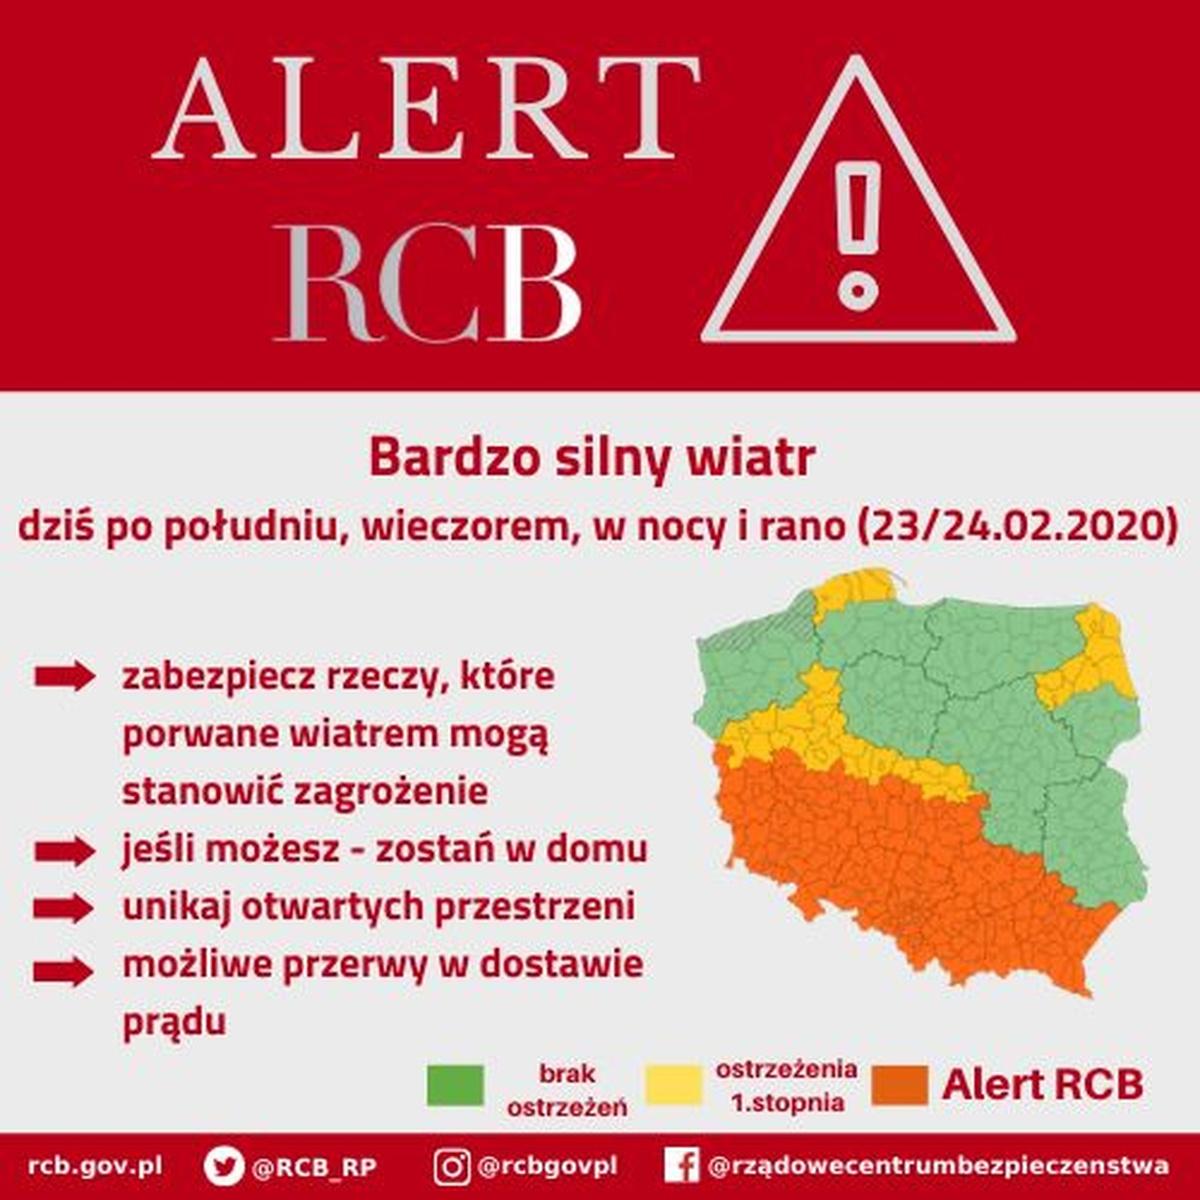 Alert RCB wdniu 23 lutego 2020 roku